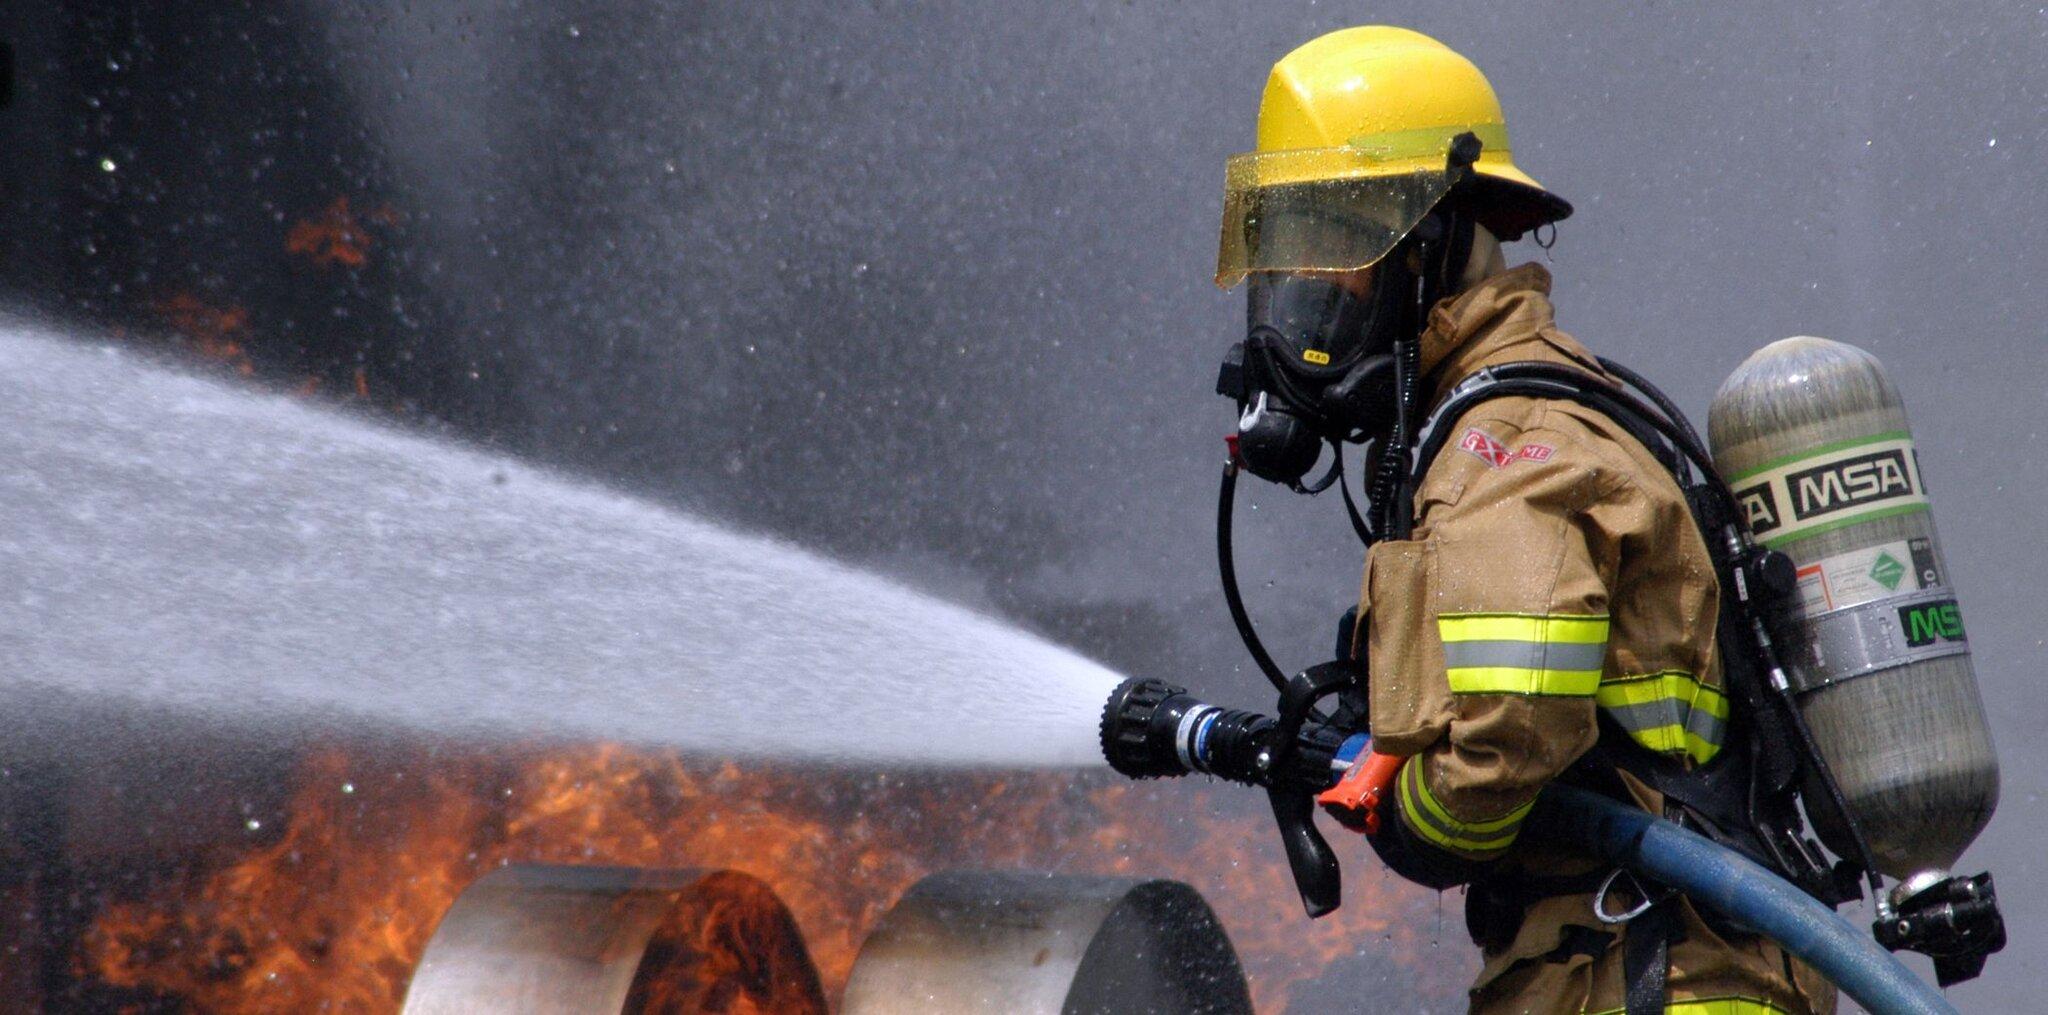 Strażak Strażak Źródło: domena publiczna.